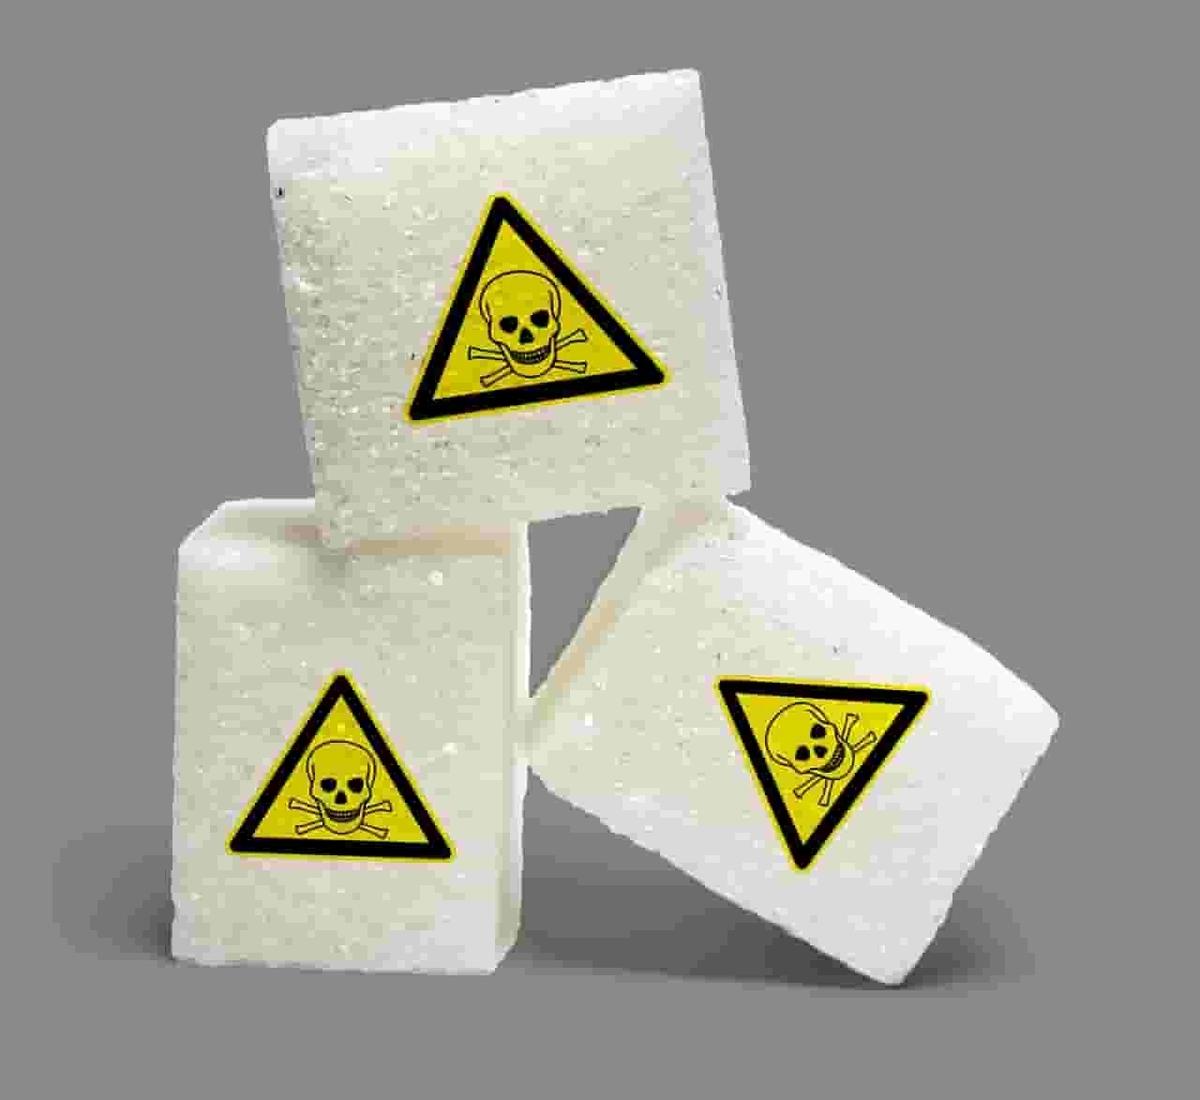 砂糖は糖尿病になるという警告